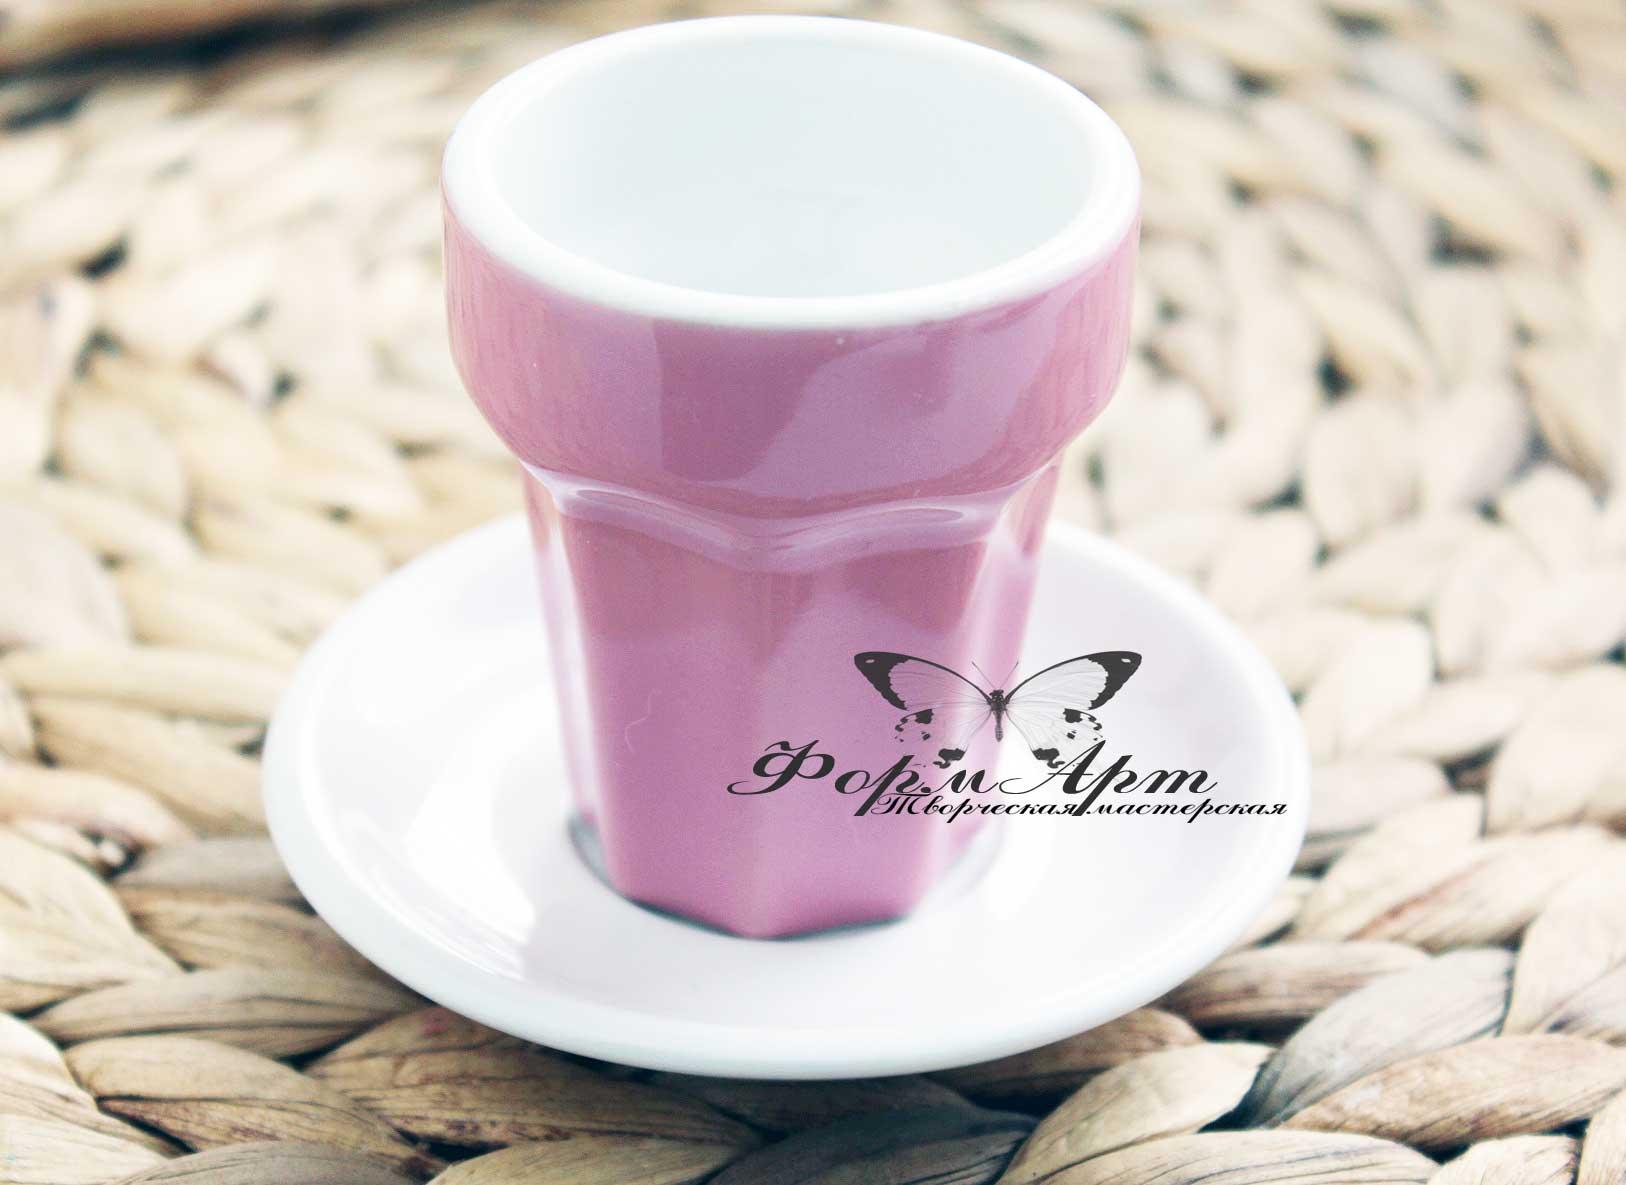 """Силиконовая форма """"Керамический стакан для коктейлей/кофе"""" Высота 6 см, диаметр 3,5 см. Вес незаполненного примерно 25 грамм."""